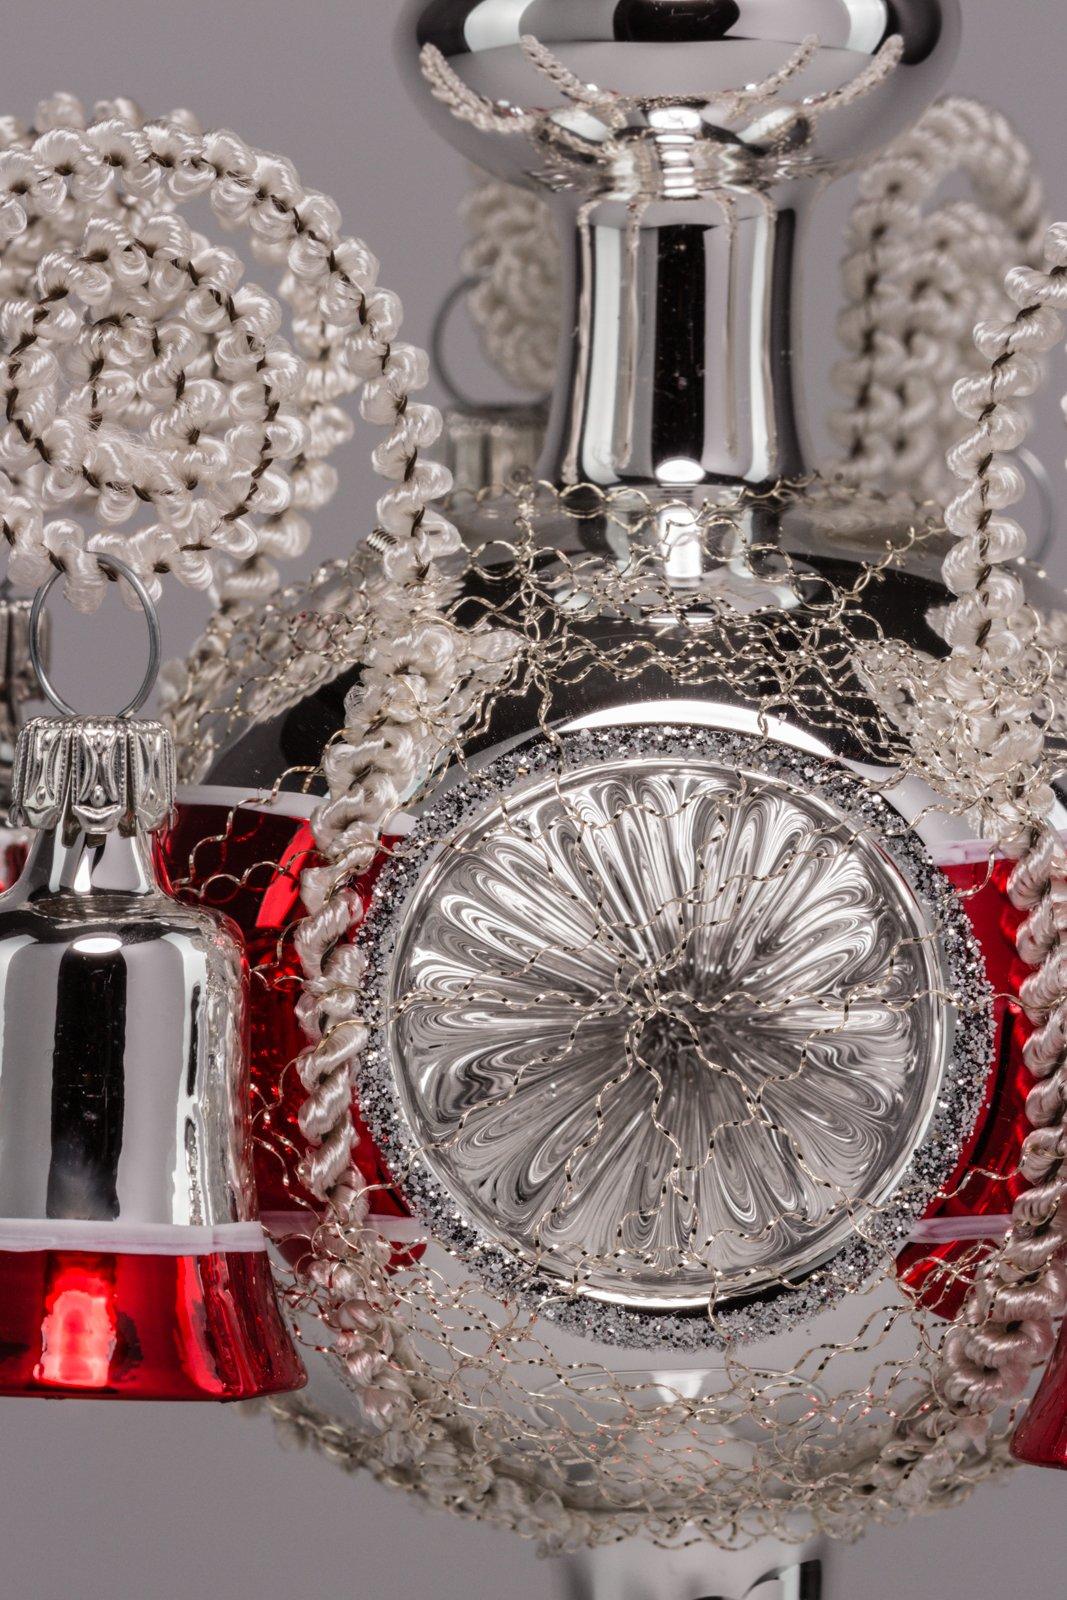 Christbaumschmuck-Spitze-Weihnachtsbaumspitze-SilberRot-Lauscha-Glas-Spitze-mit-Reflex-und-6-Glckchen-umsponnen-mundgeblasen